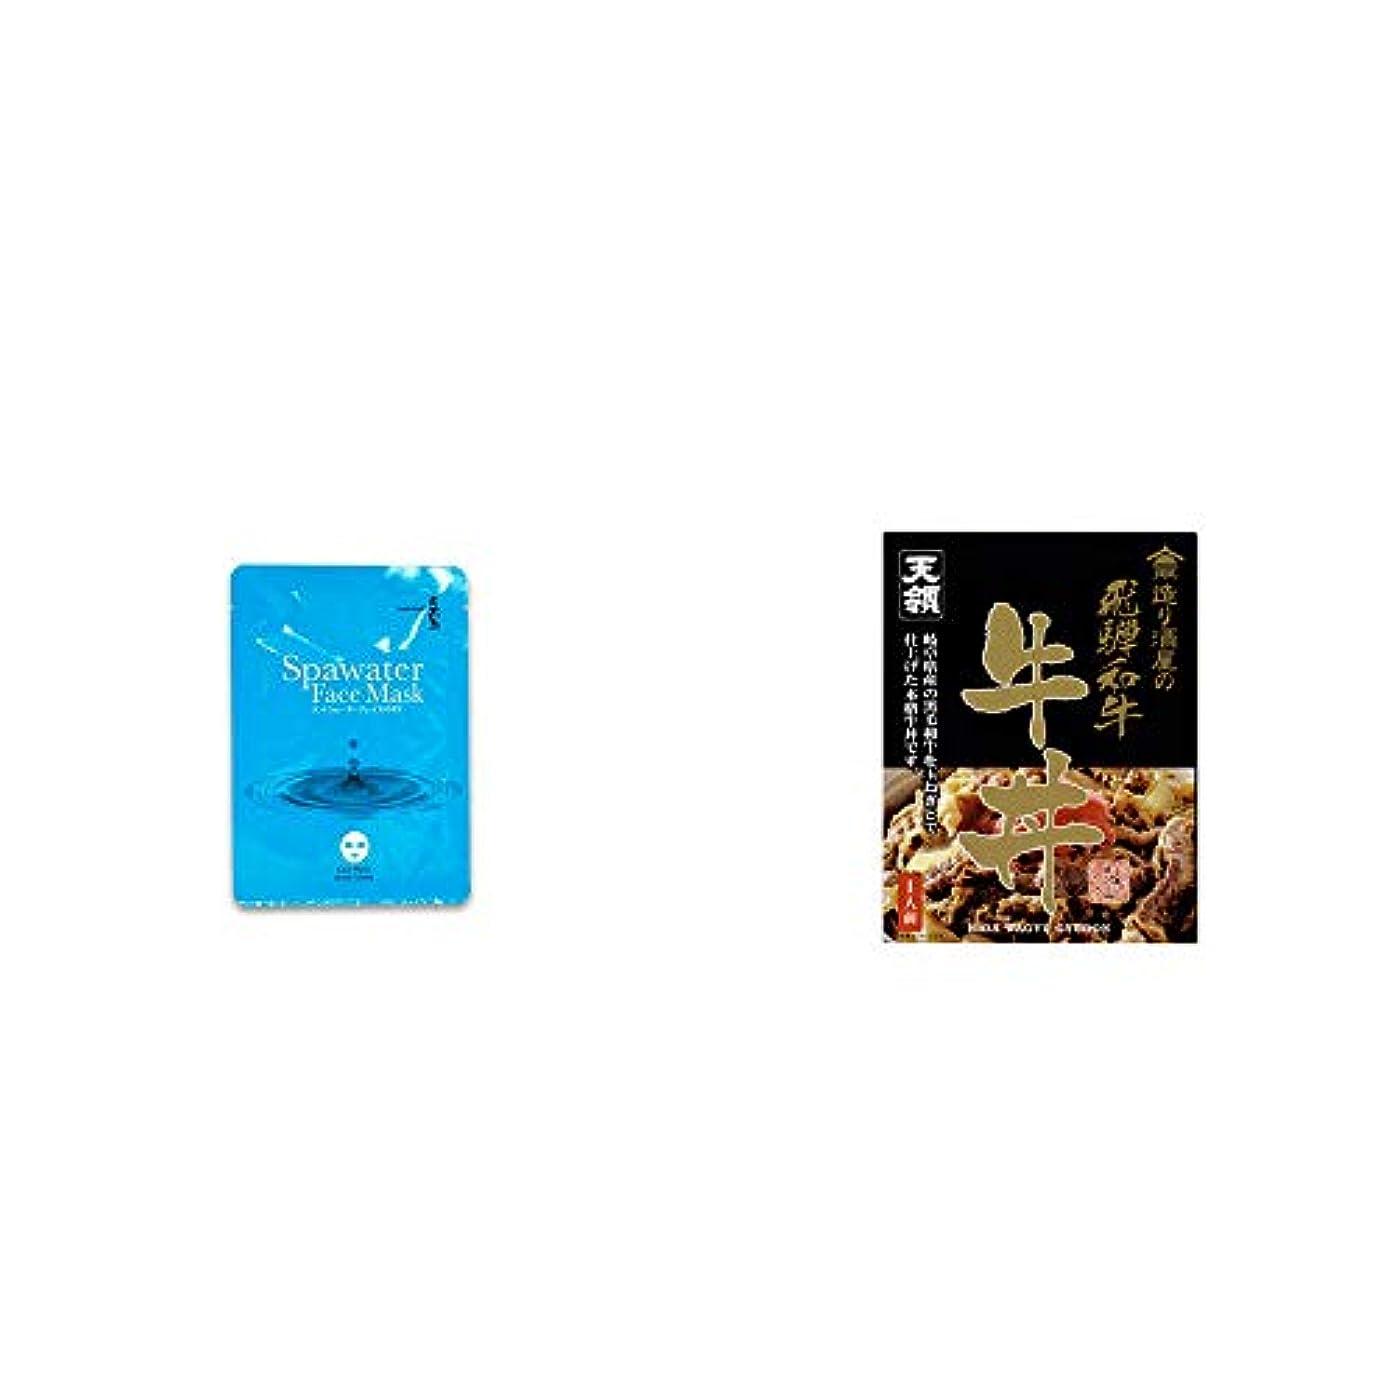 太鼓腹画面頑丈[2点セット] ひのき炭黒泉 スパウォーターフェイスマスク(18ml×3枚入)?天領酒造 造り酒屋の飛騨和牛 牛丼(1人前)